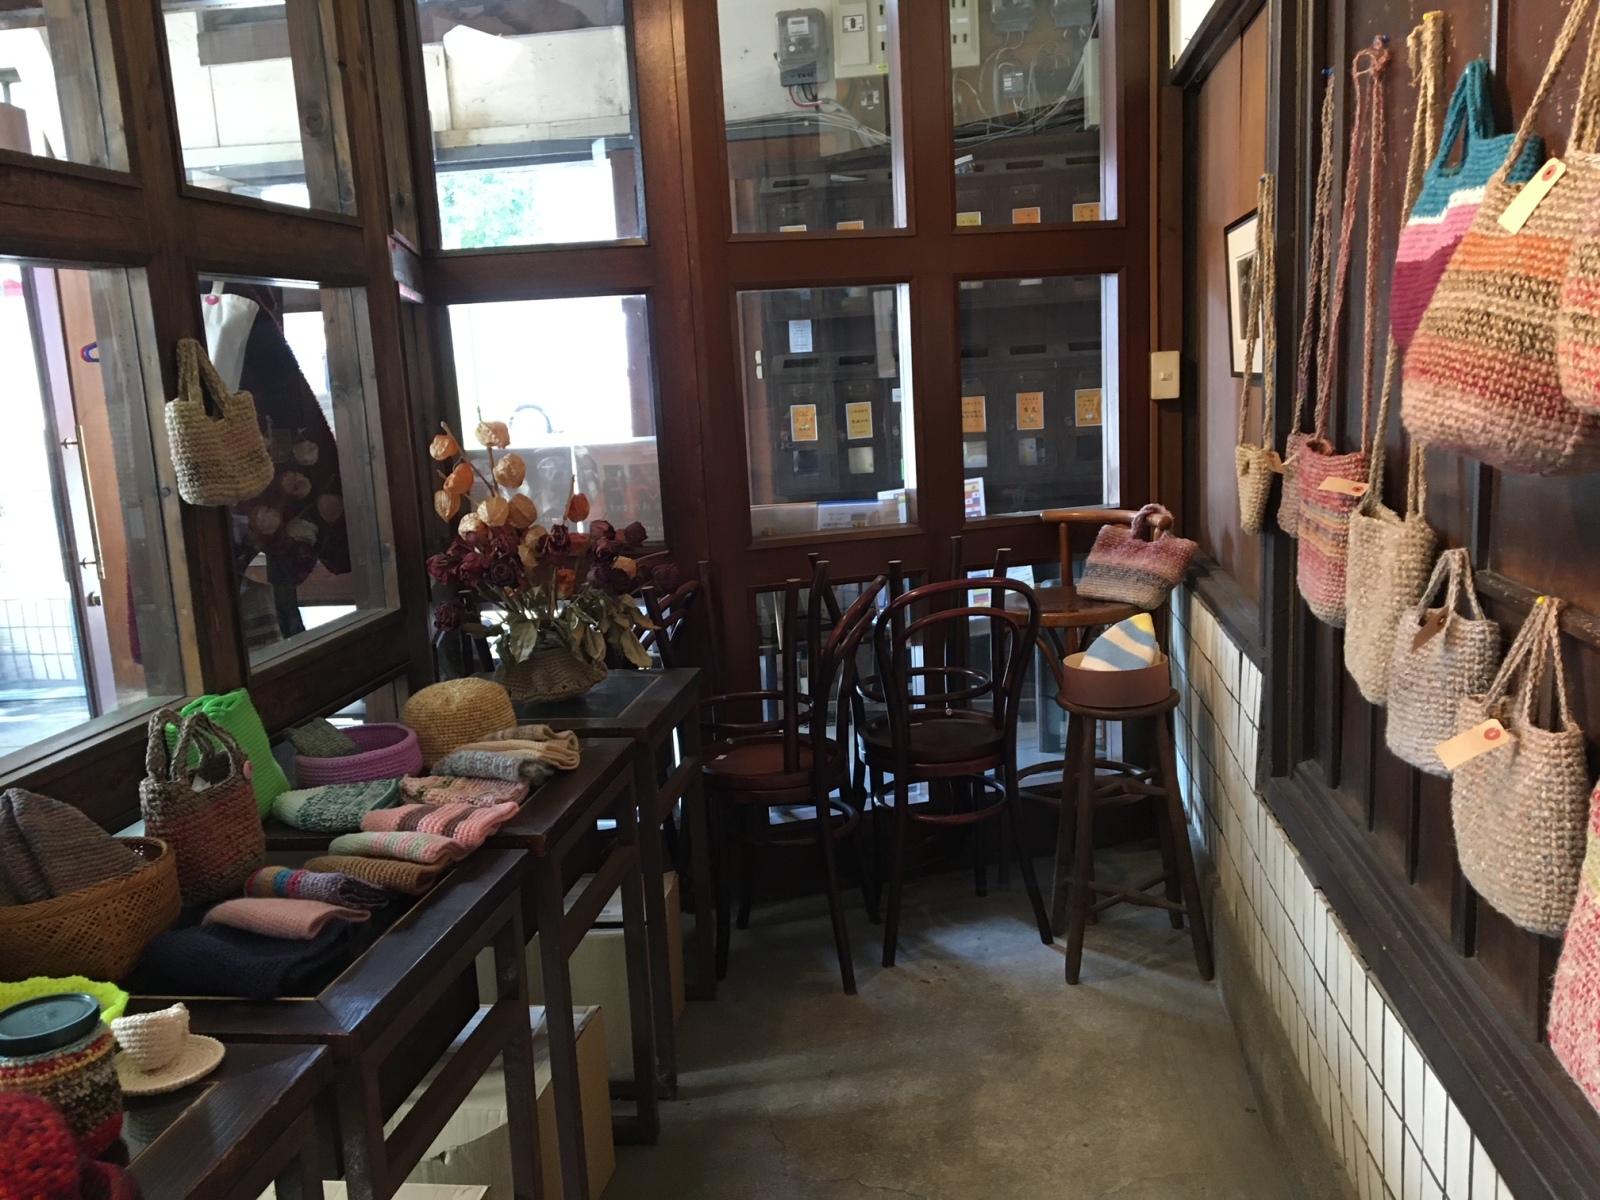 ラヴィアンカフェ店内ギャラリー